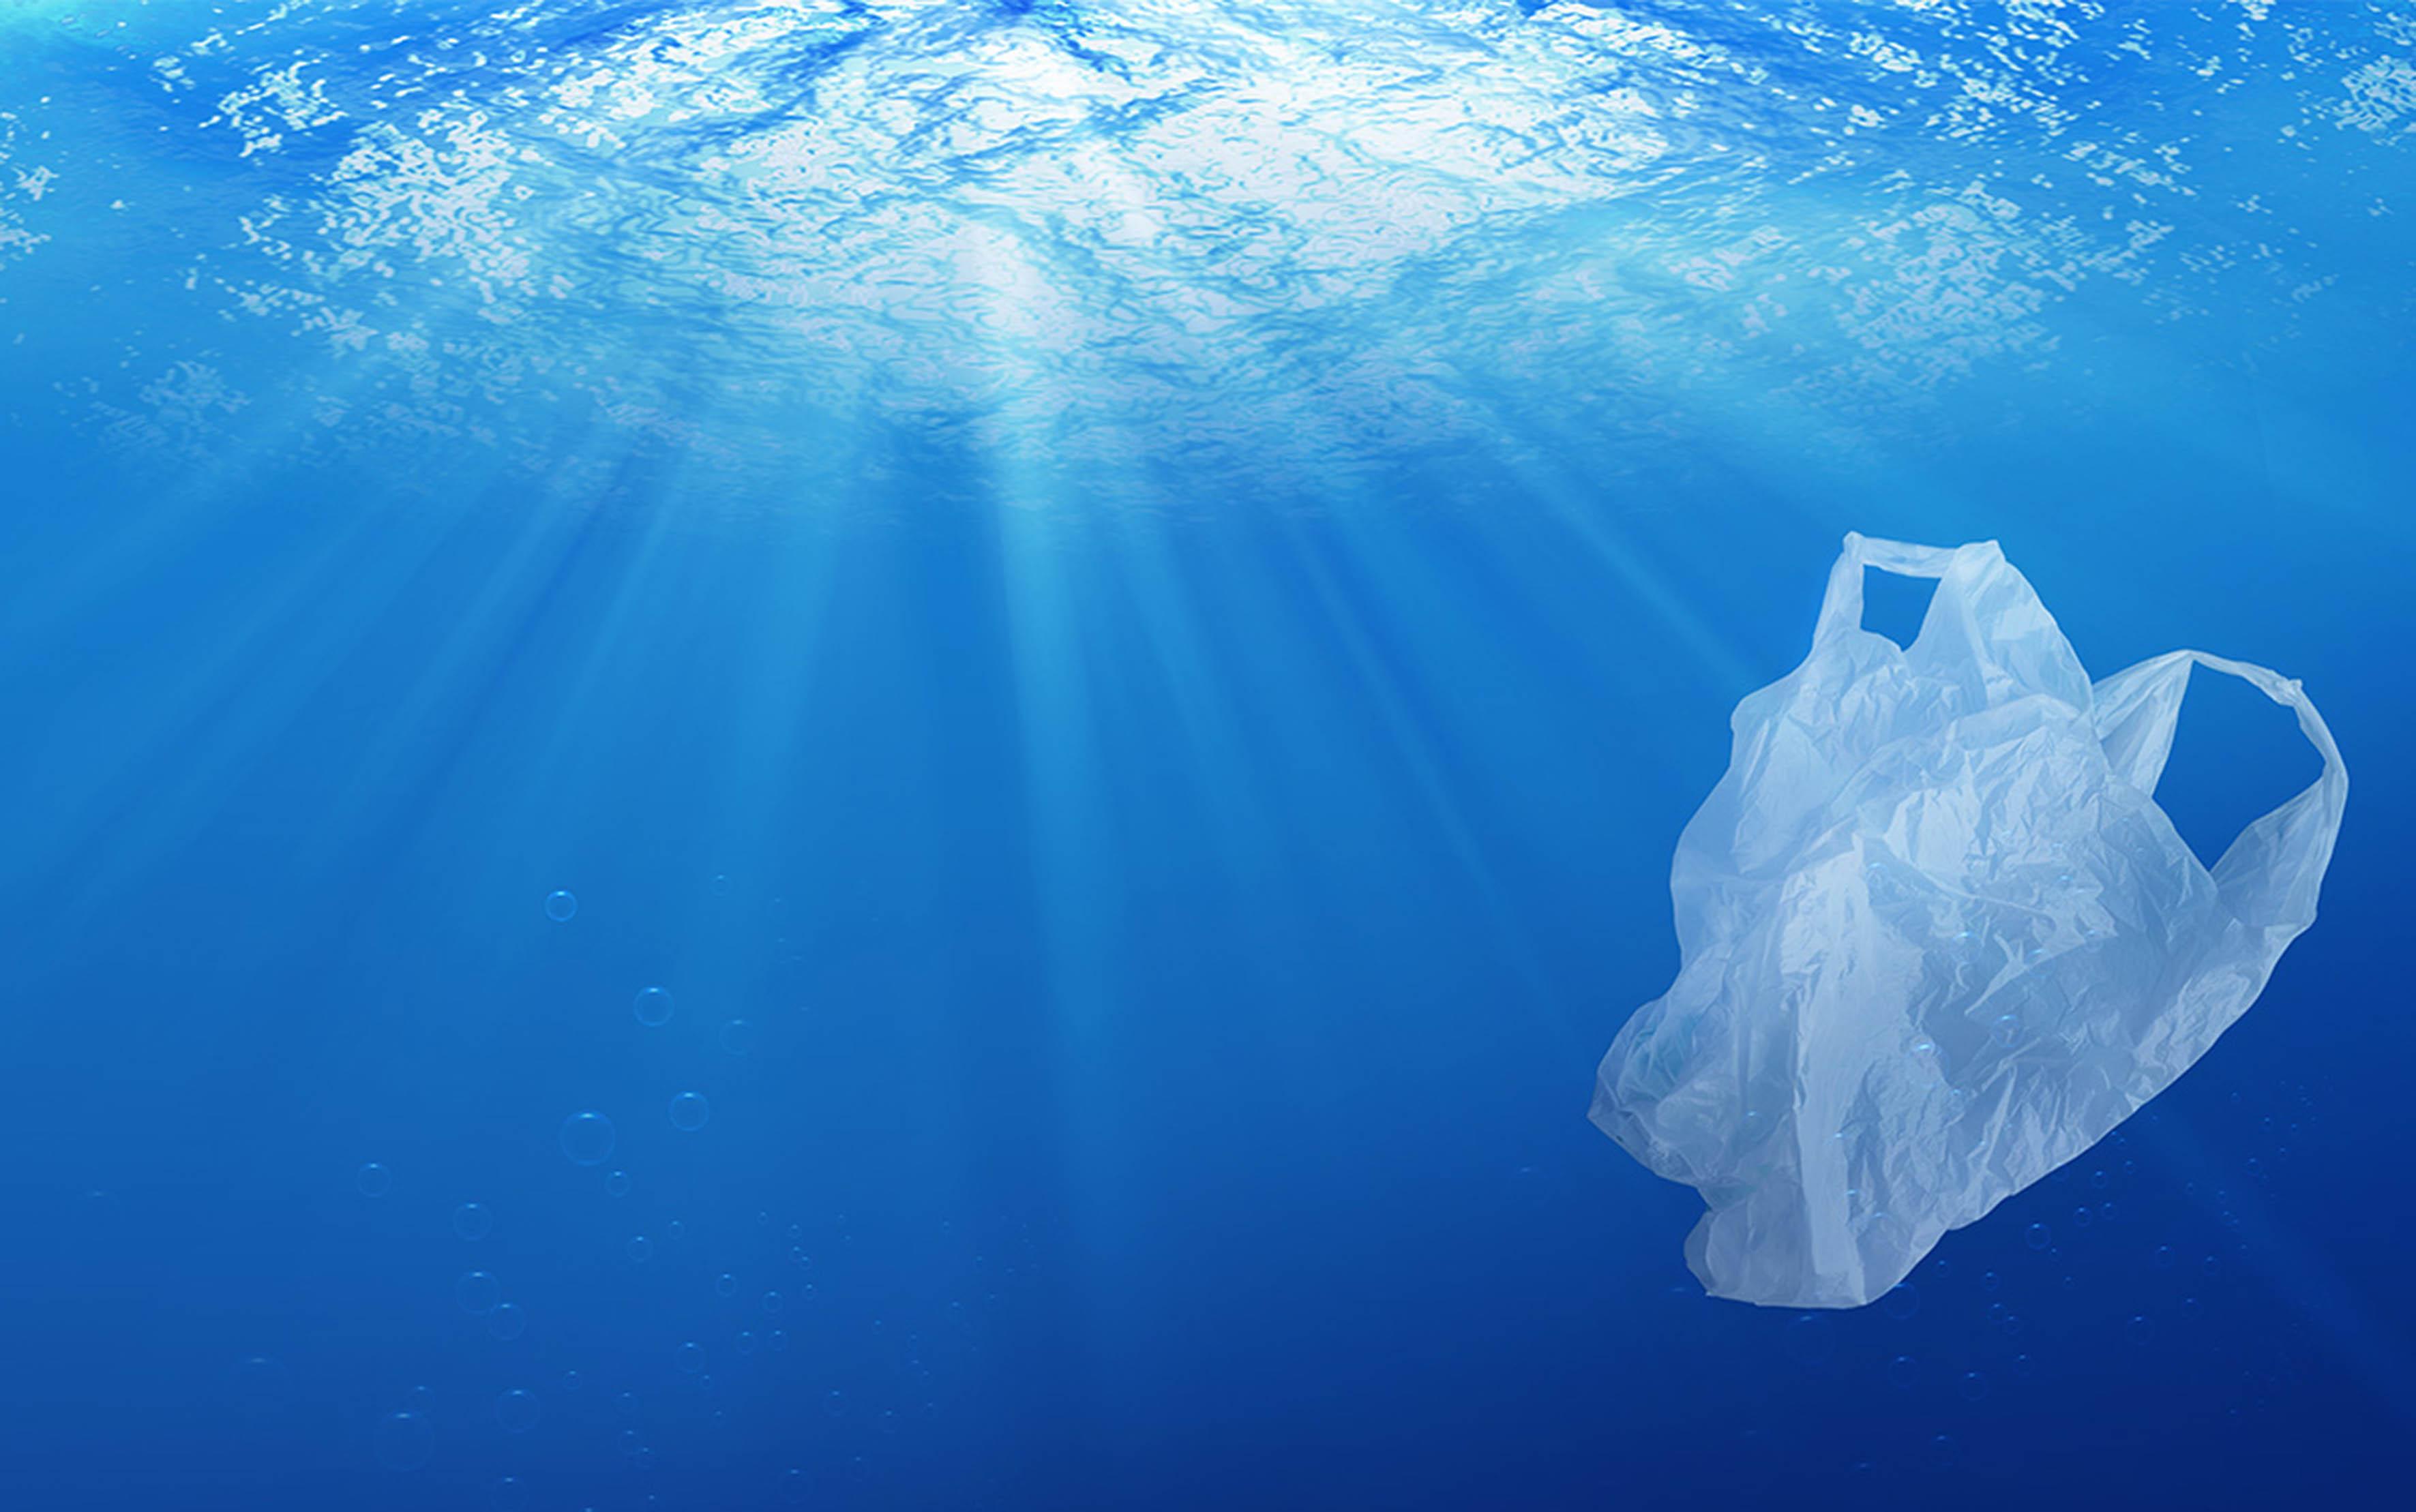 Más de 13 Millones de Toneladas de Desechos Plásticos ingresan cada año a los Océanos